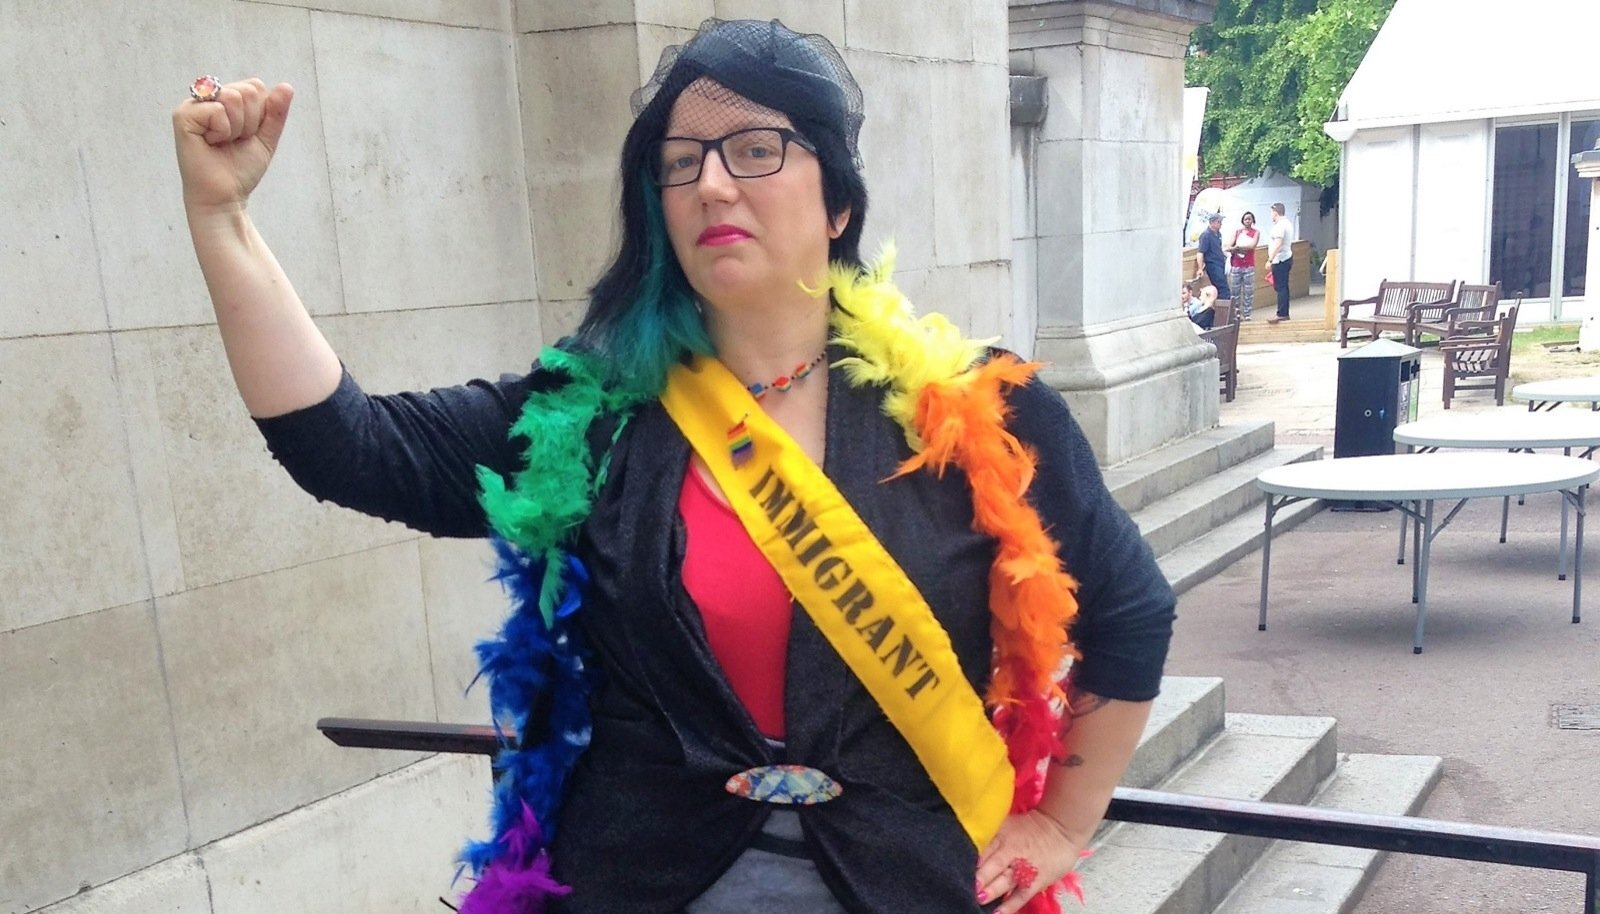 FEMINIST, AKTIVIST, KUNSTNIK: Mare Tralla 2015. aastal Pride in Londoni ajal, kui Tralla ja ta mõttekaaslased korraldasid Pride'i matuserongkäigu, protestides Pride'i kommertsialiseerumise vastu.